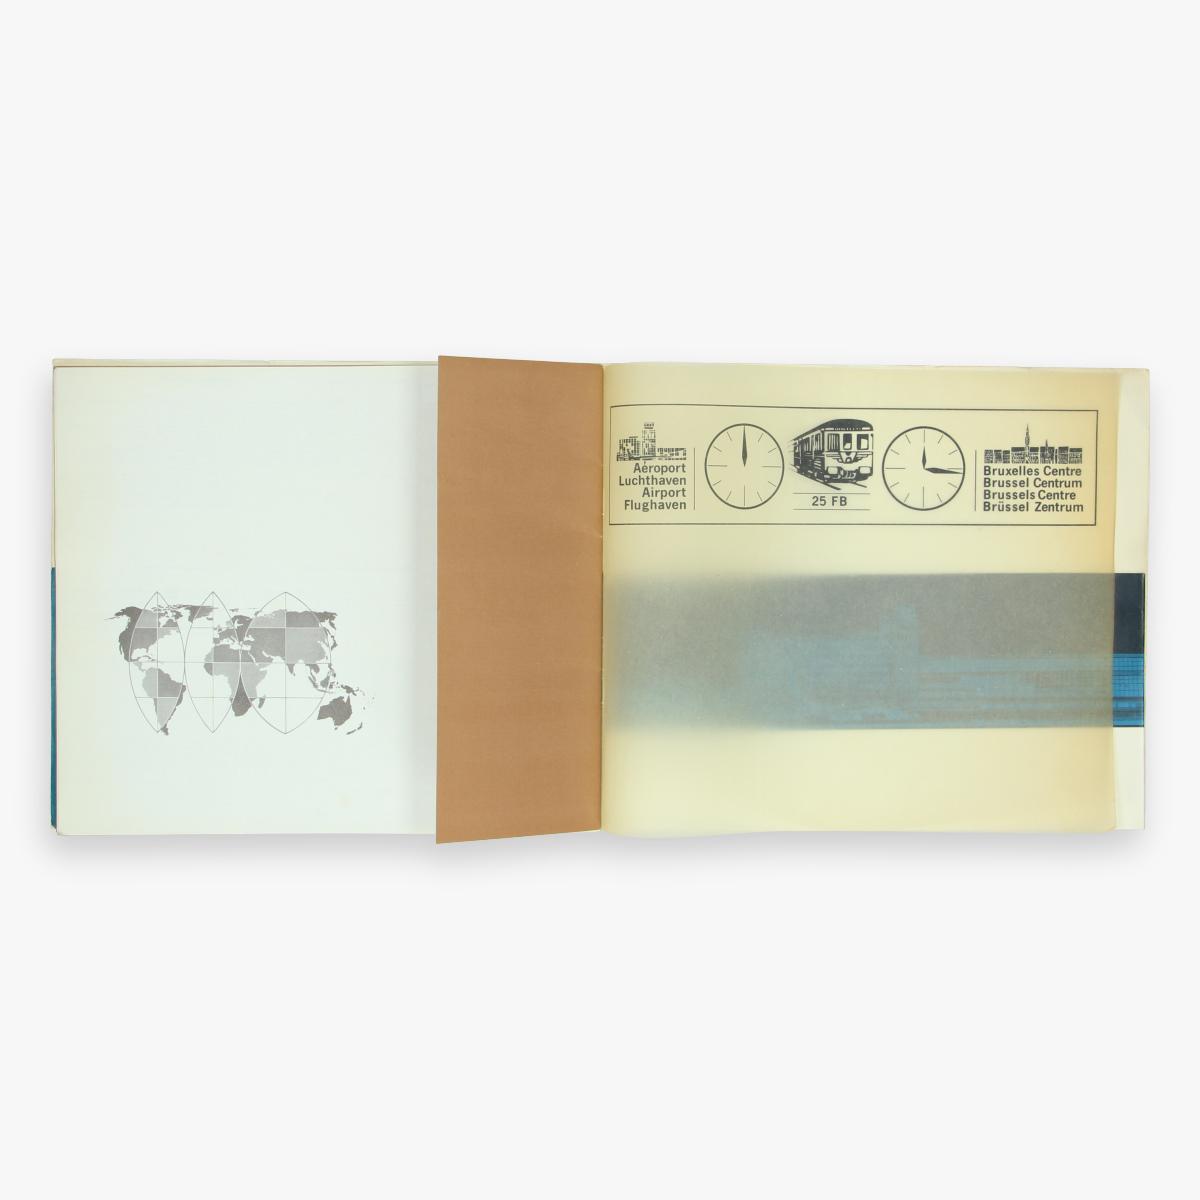 Afbeeldingen van sabena magazine- instructions- printed in belgium - de Rycker